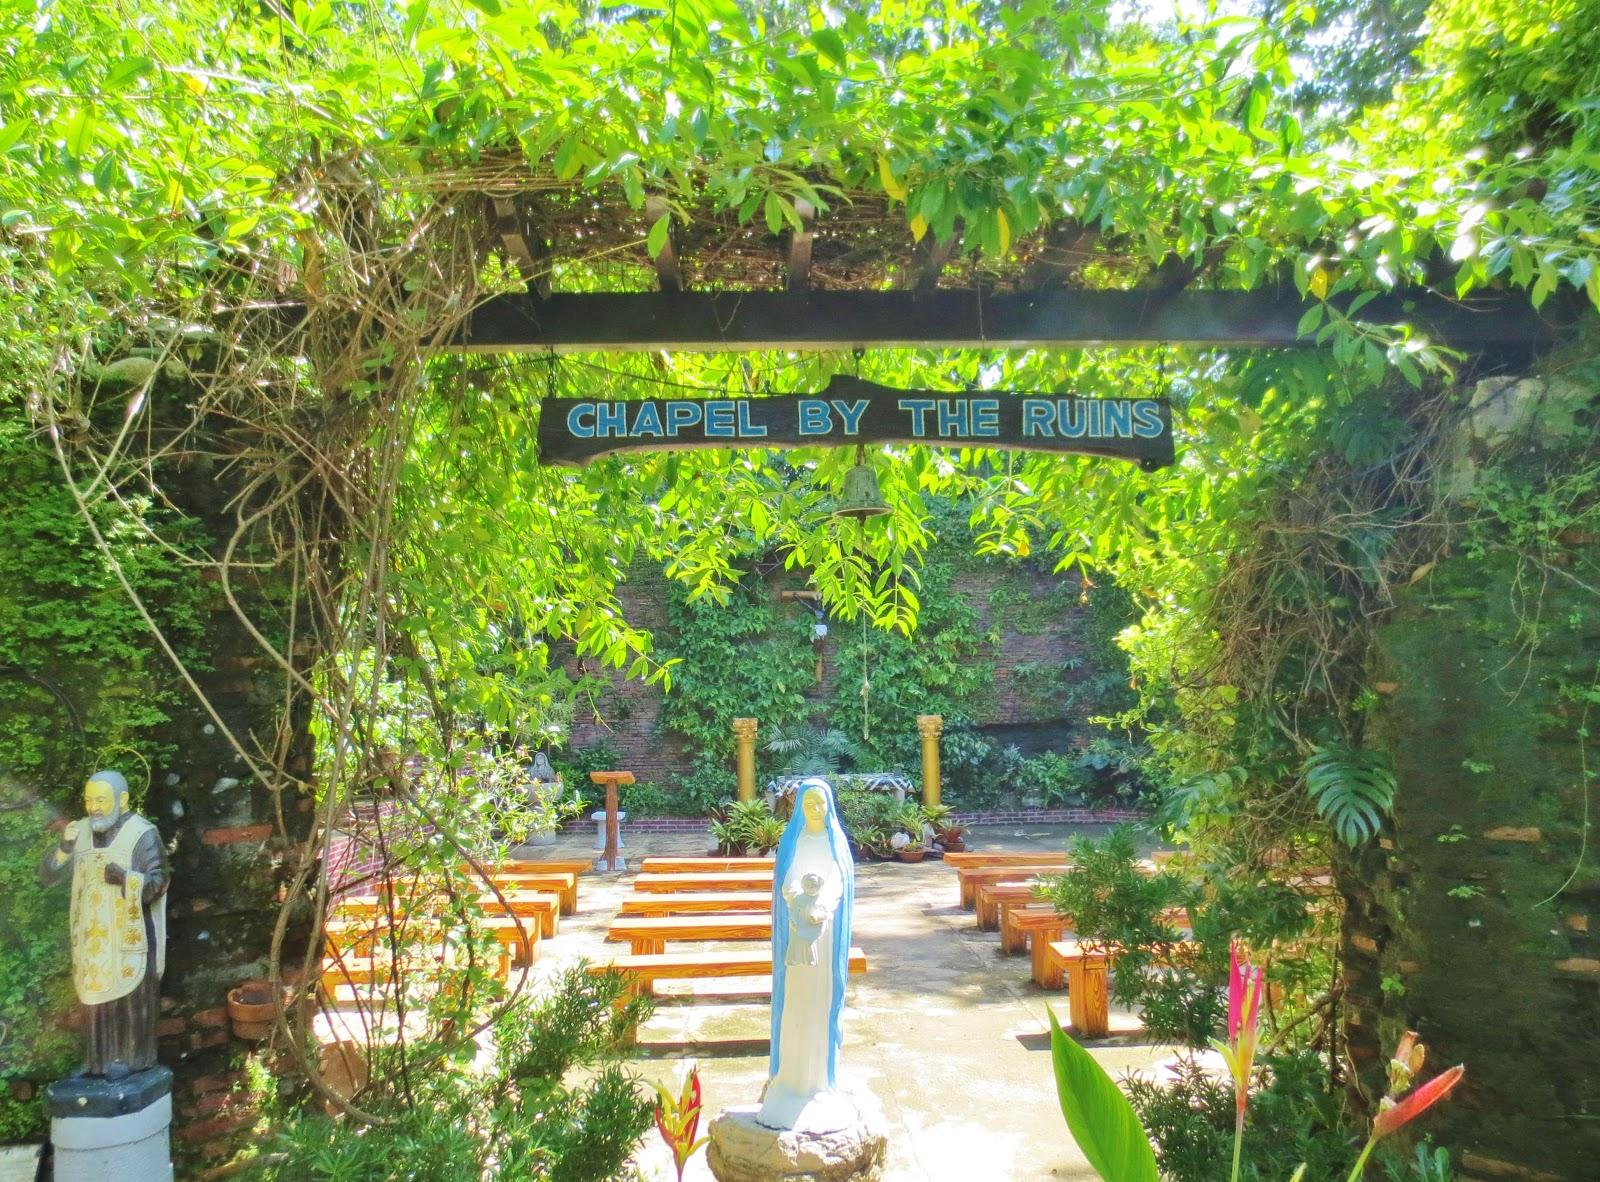 Chapel by The Ruins, Bantay, Ilocos Sur